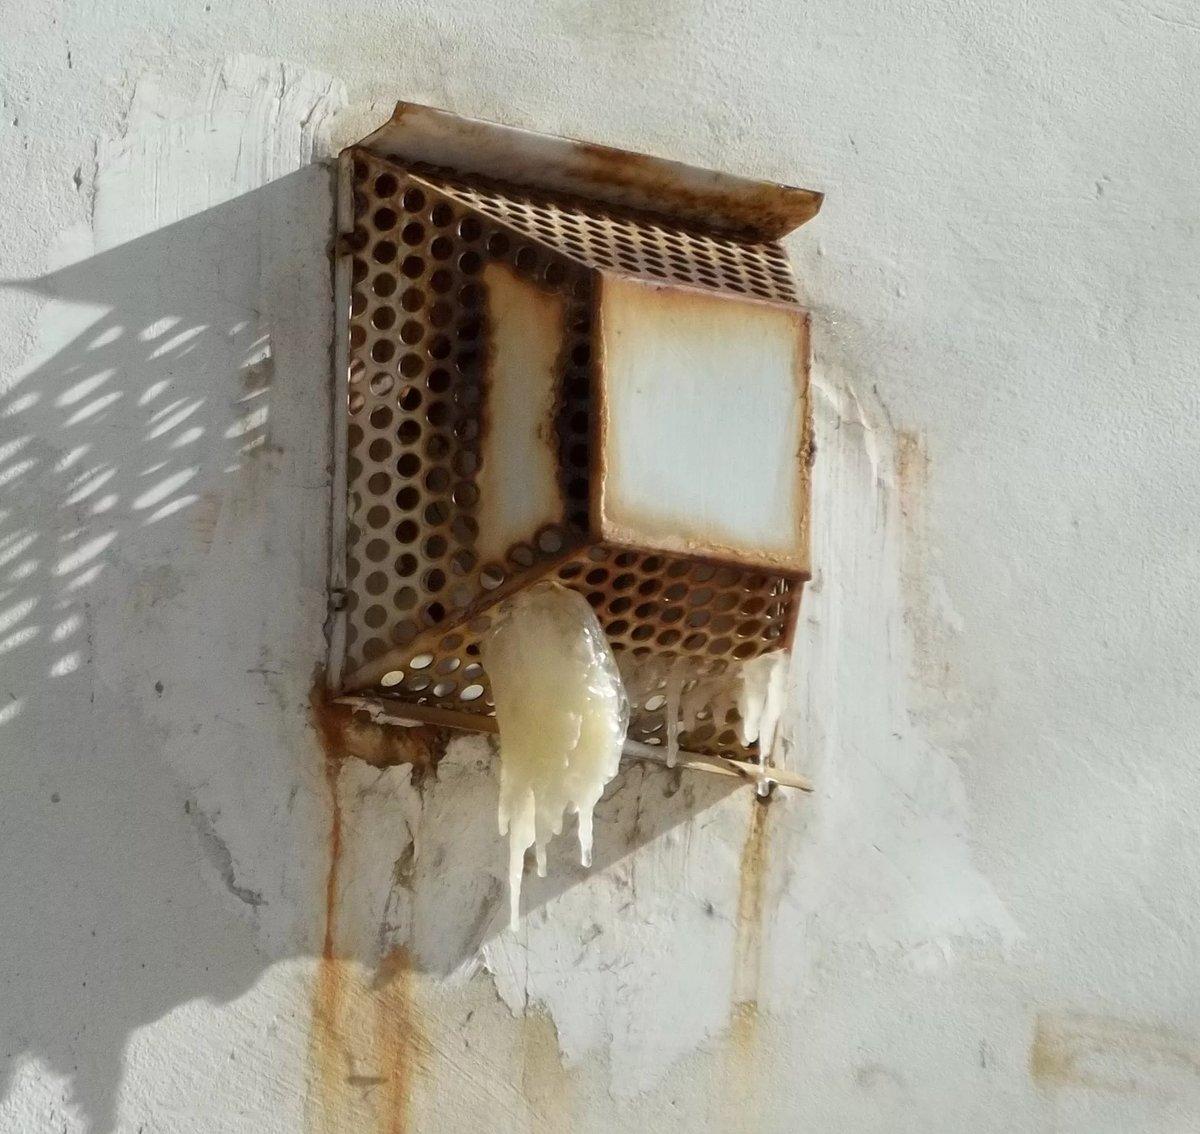 Задувает котел через дымоход: что делать и как предотвратить